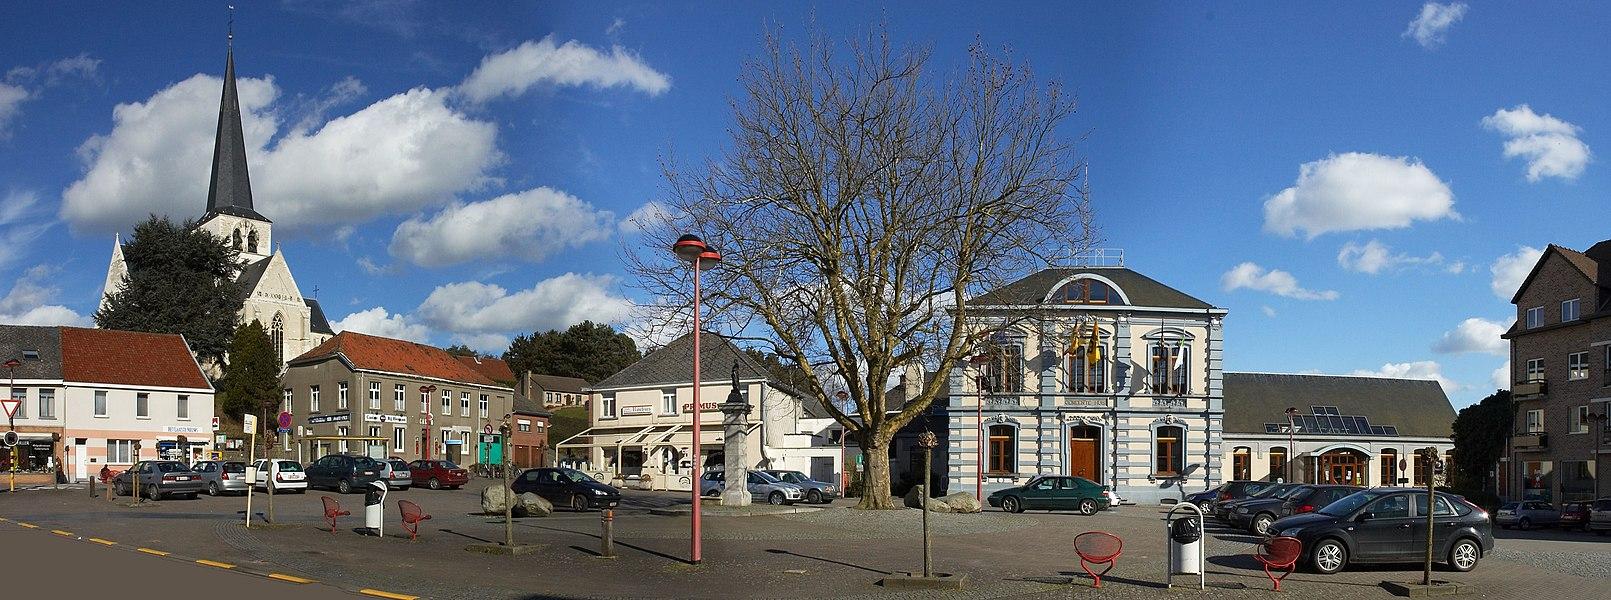 Gemeenteplein Huldenberg met links de kerk, links van de boom (plataan) het standbeeld/pomp en rechts het gemeentehuis. Kijkend richting oost.   Camera location  50°47′21.52″N, 4°34′59.95″E  View this and other nearby images on: OpenStreetMap - Google Earth    50.789311;    4.583319